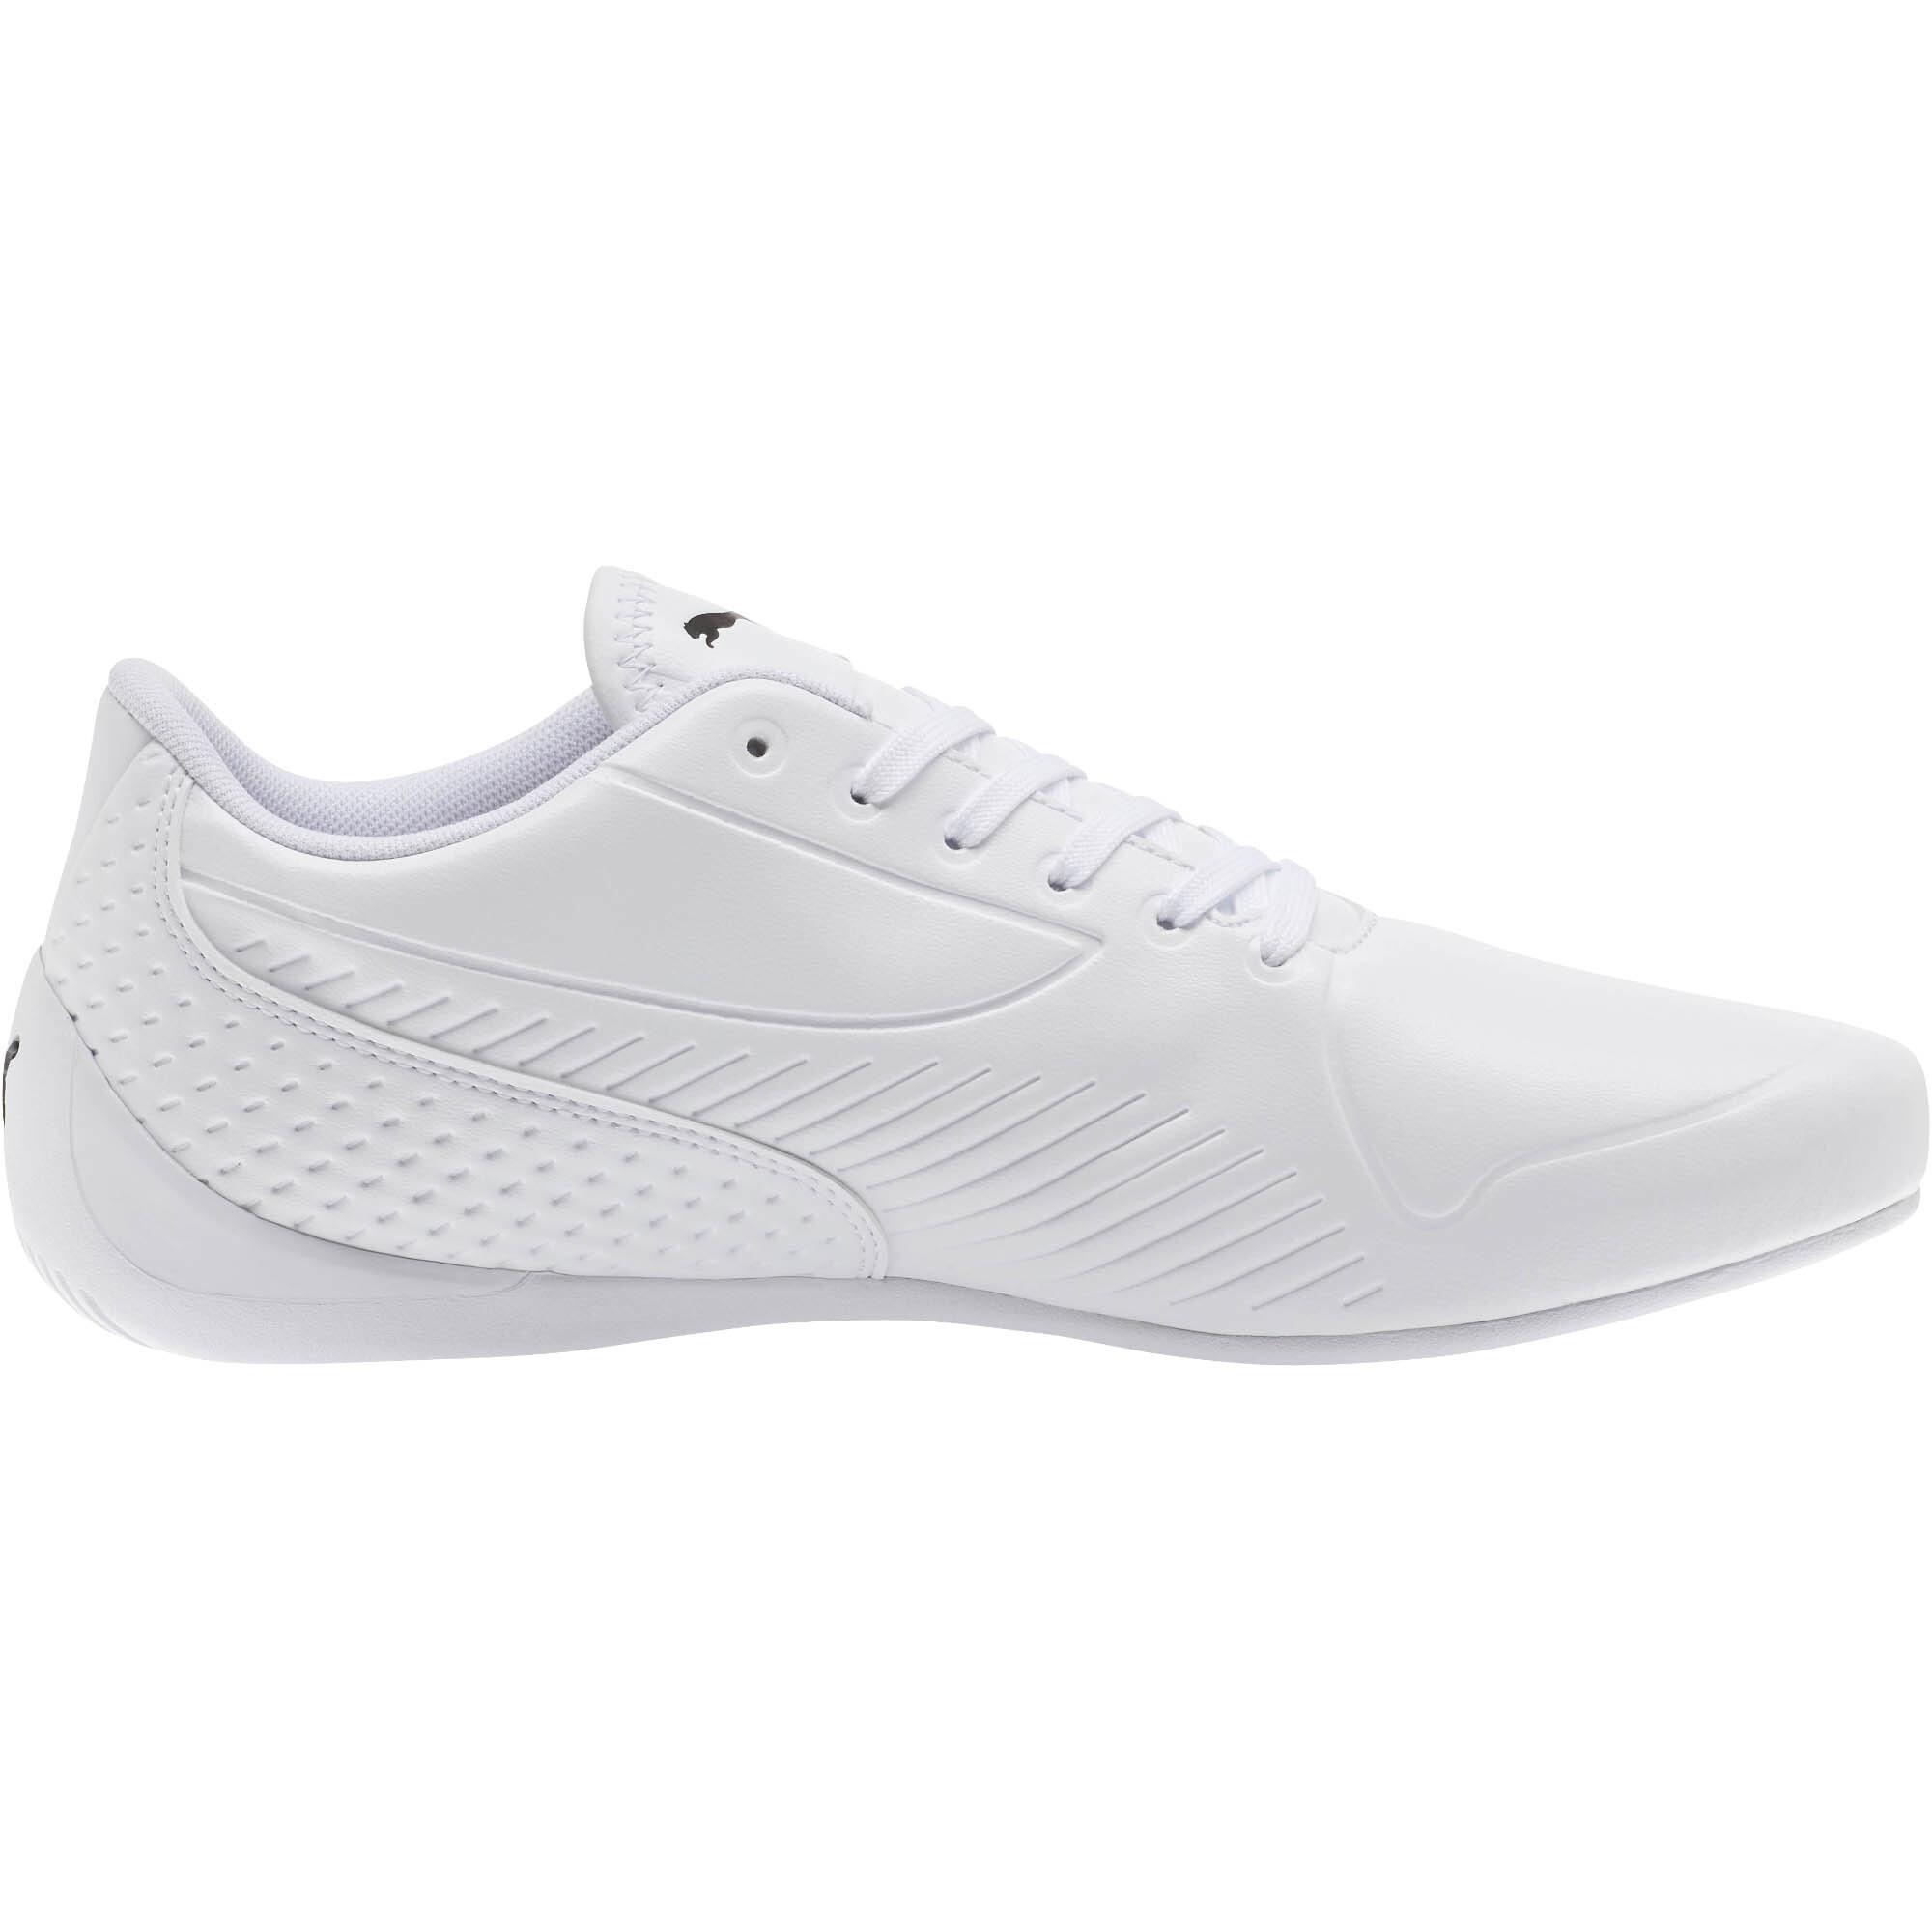 PUMA-Drift-Cat-7S-Ultra-Shoes-Men-Shoe-Basics thumbnail 10